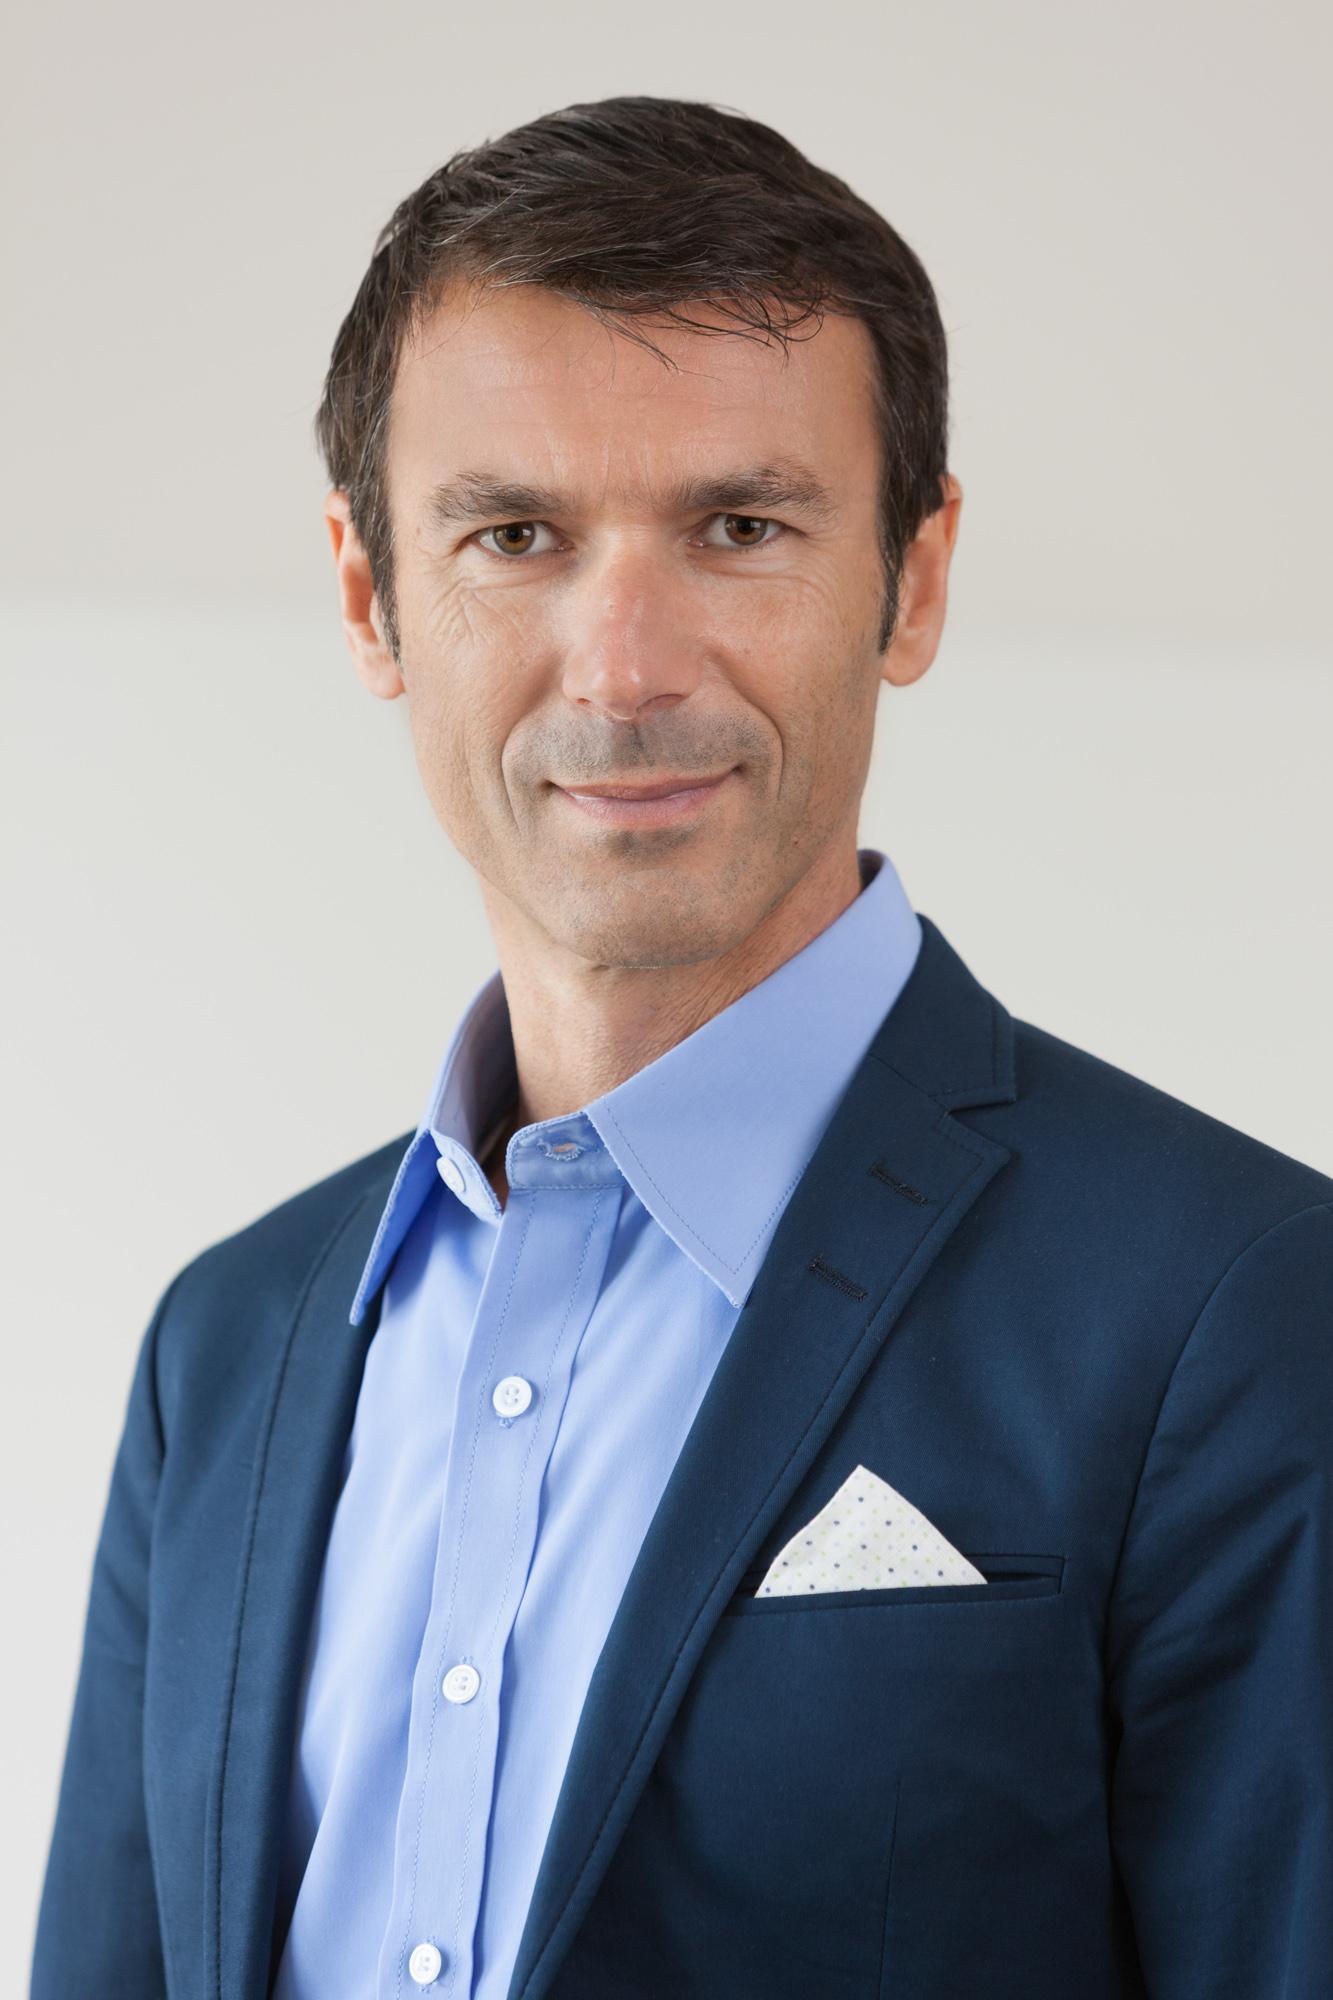 Nikolaus Gschlößl, Geschäftsführer NG Immobilien GmbH